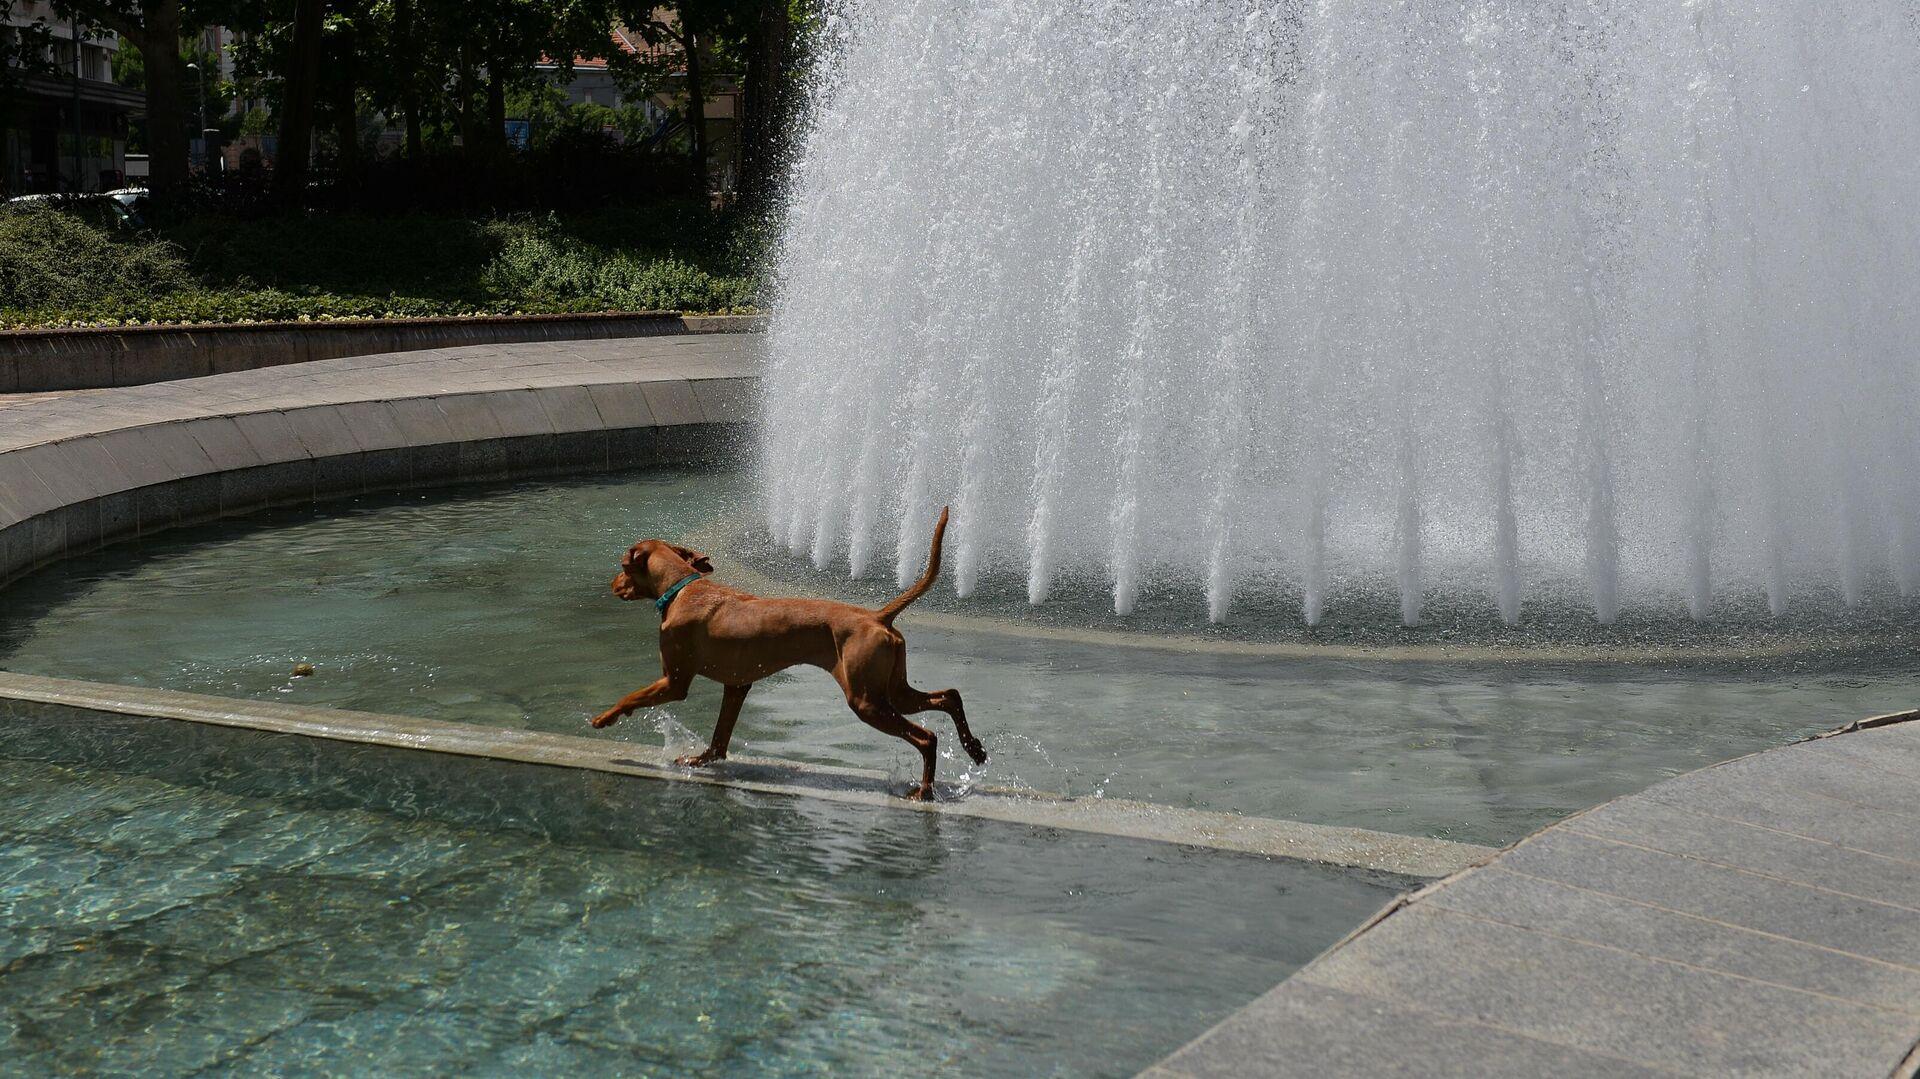 Pas se kupa u fontani - Sputnik Srbija, 1920, 04.08.2021